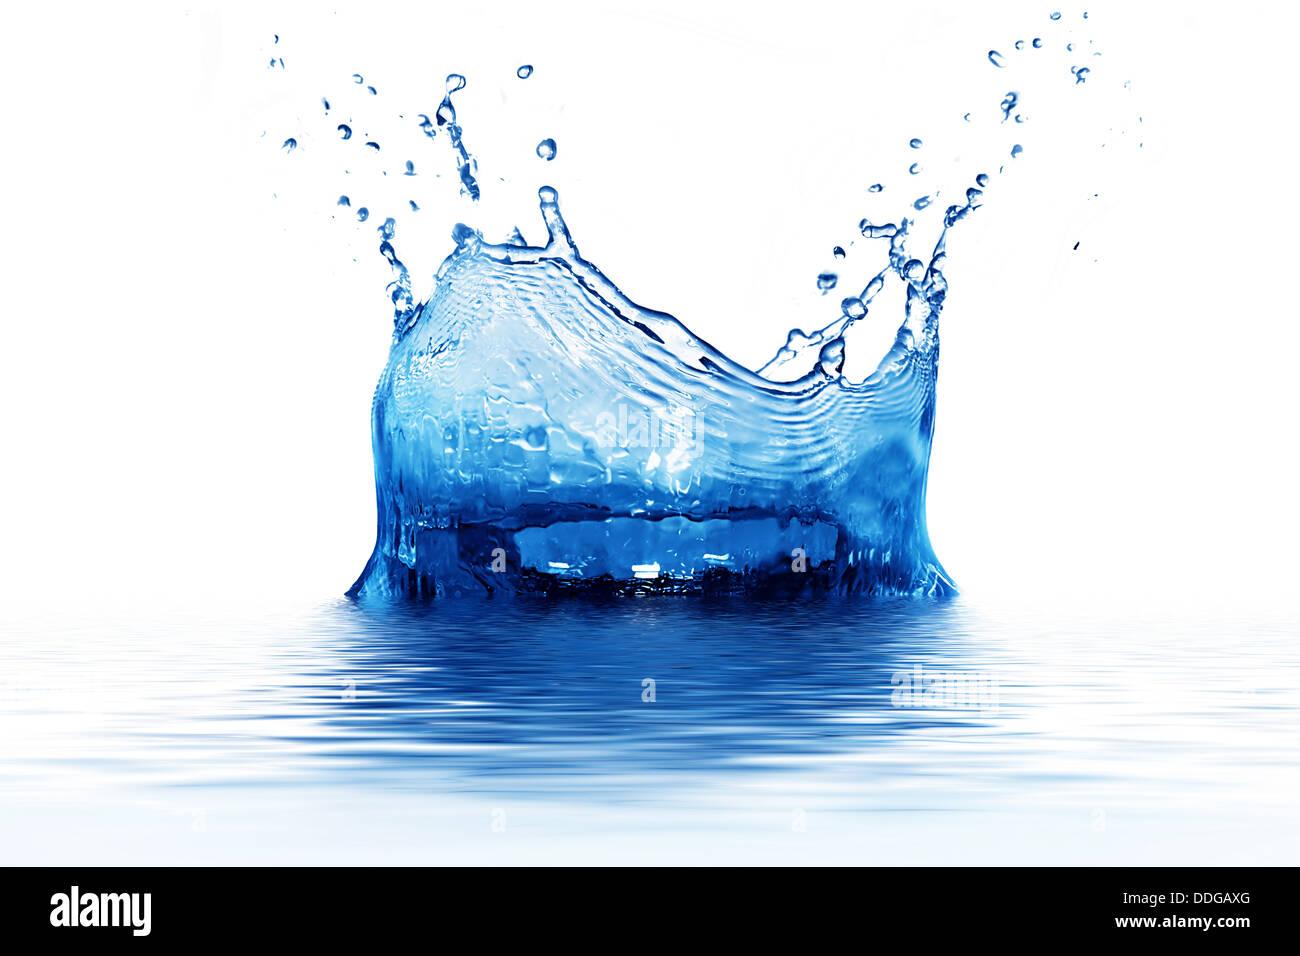 Spritzwasser Stockbild